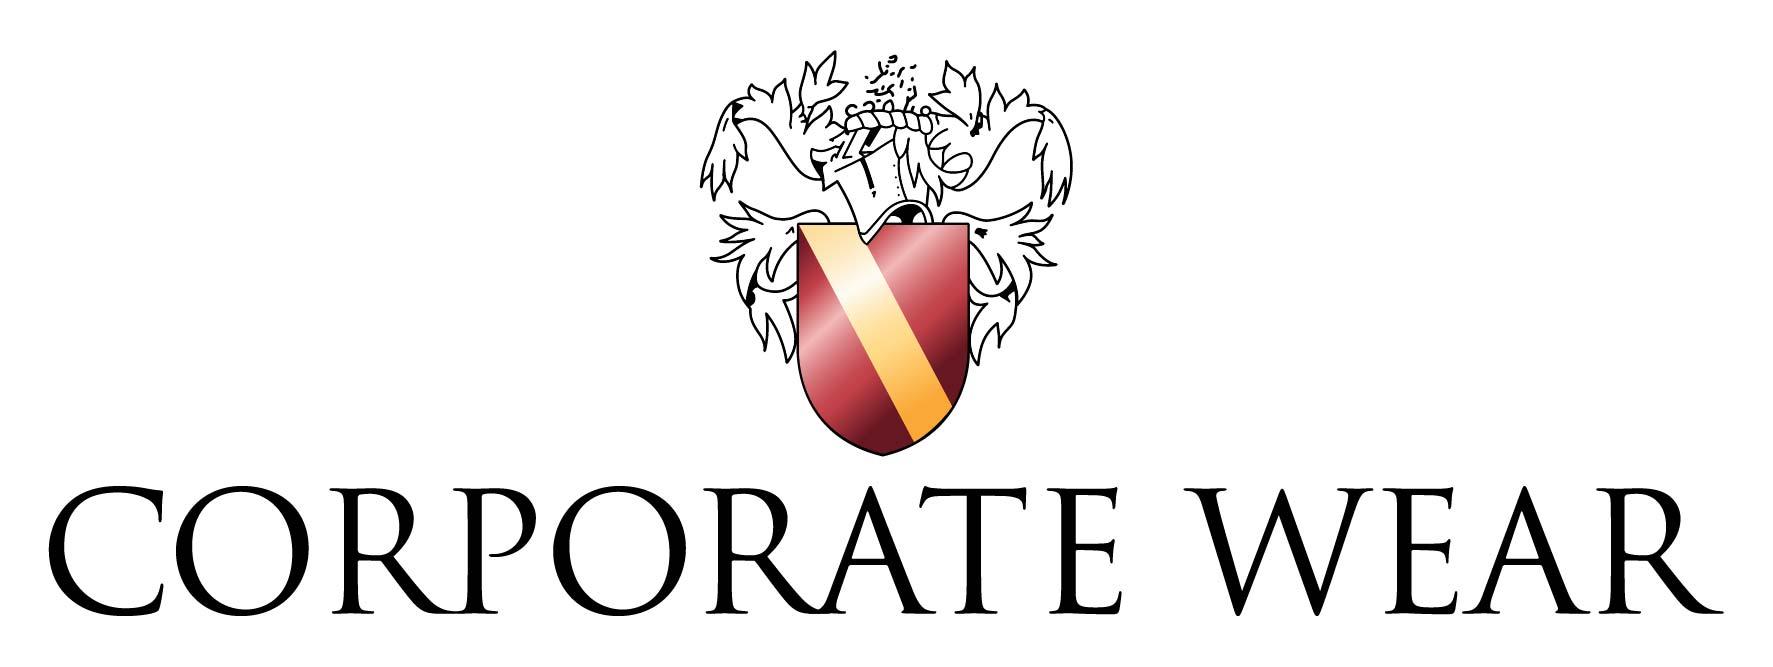 corporate wear logo